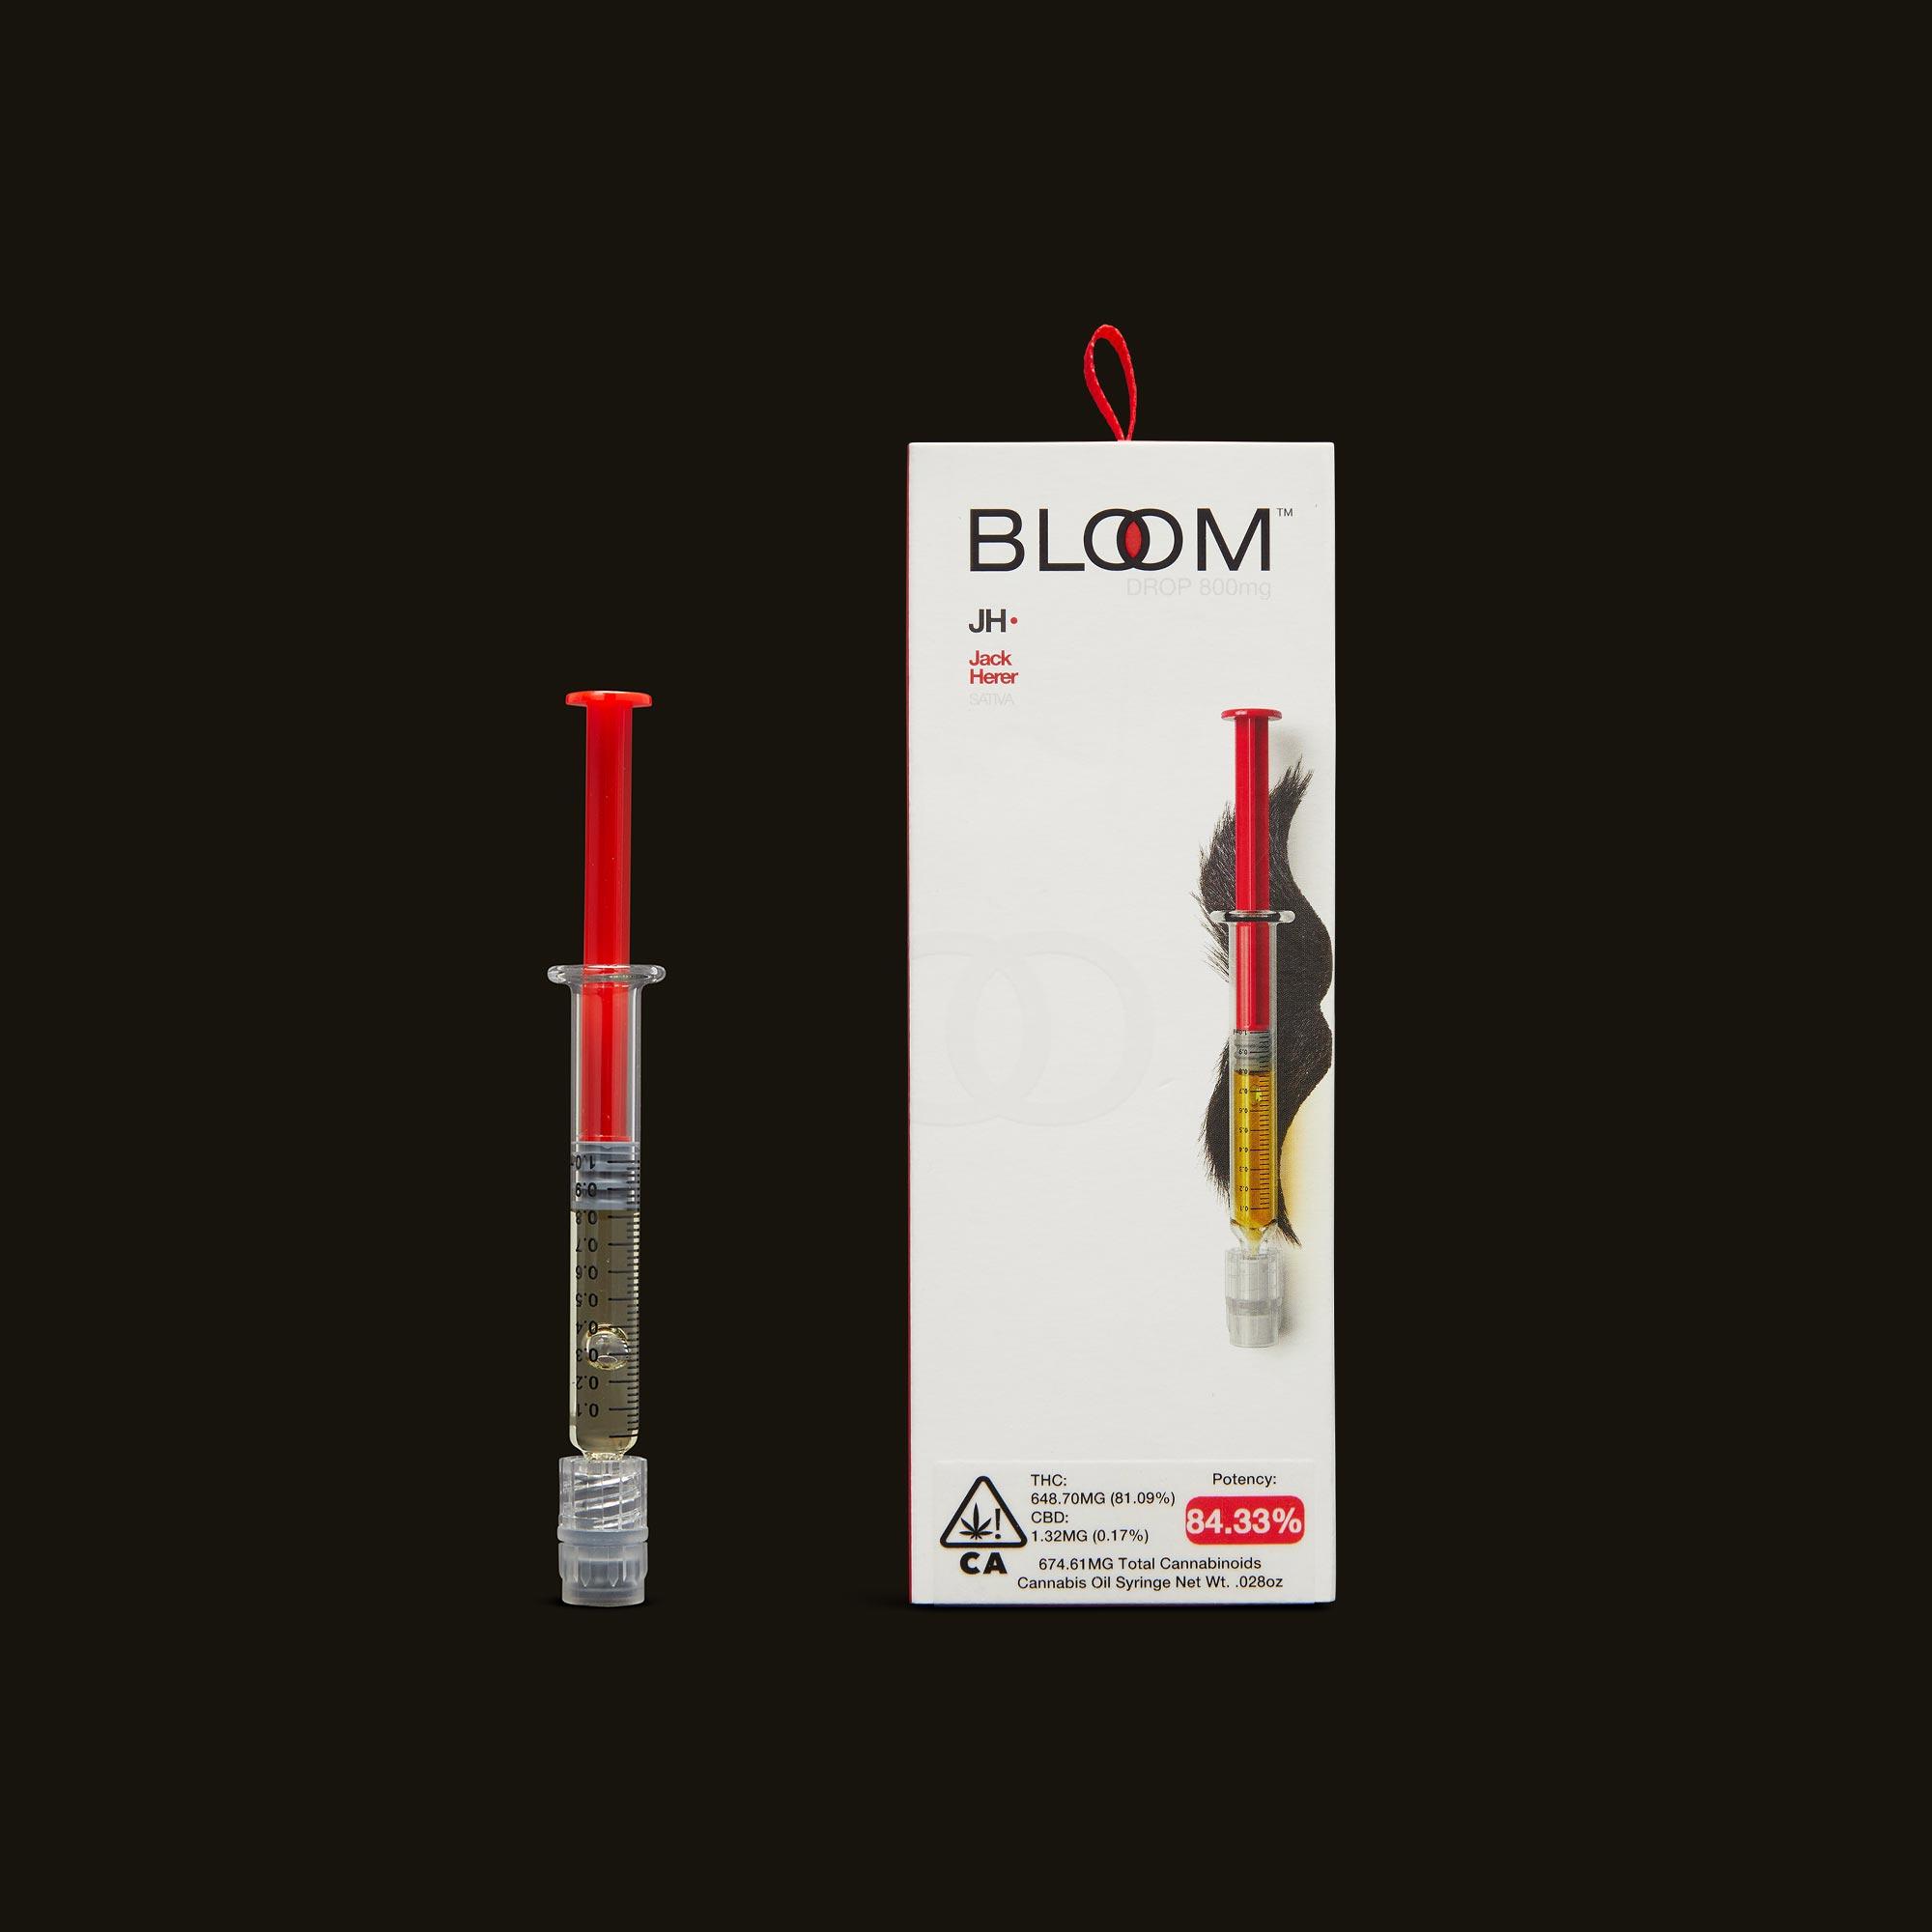 Bloom Brands Jack Herer Drop